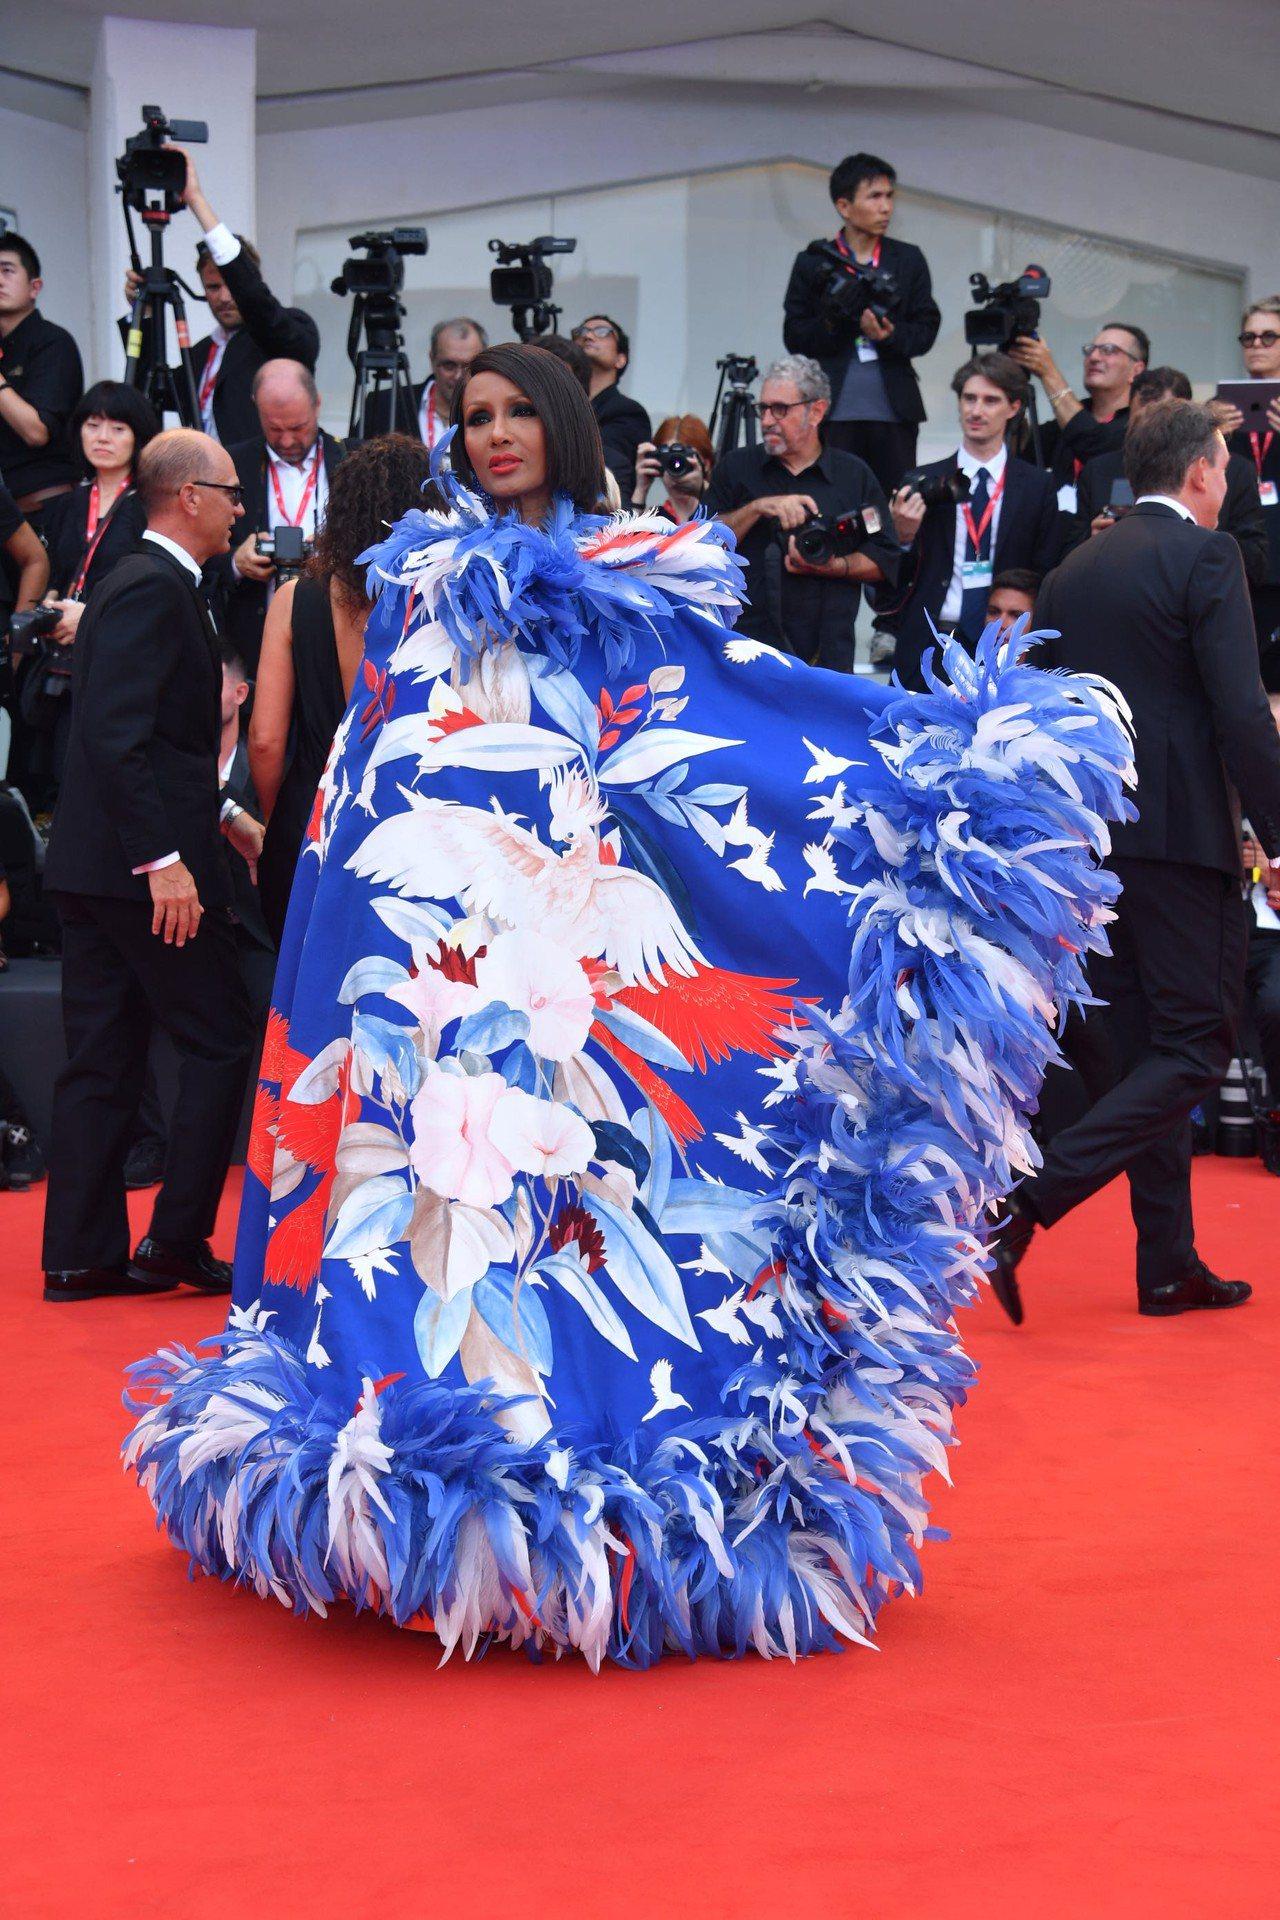 傳奇超模伊曼阿布杜爾馬吉德在今年威尼斯影展開幕式中穿上Valentino秋冬高級...